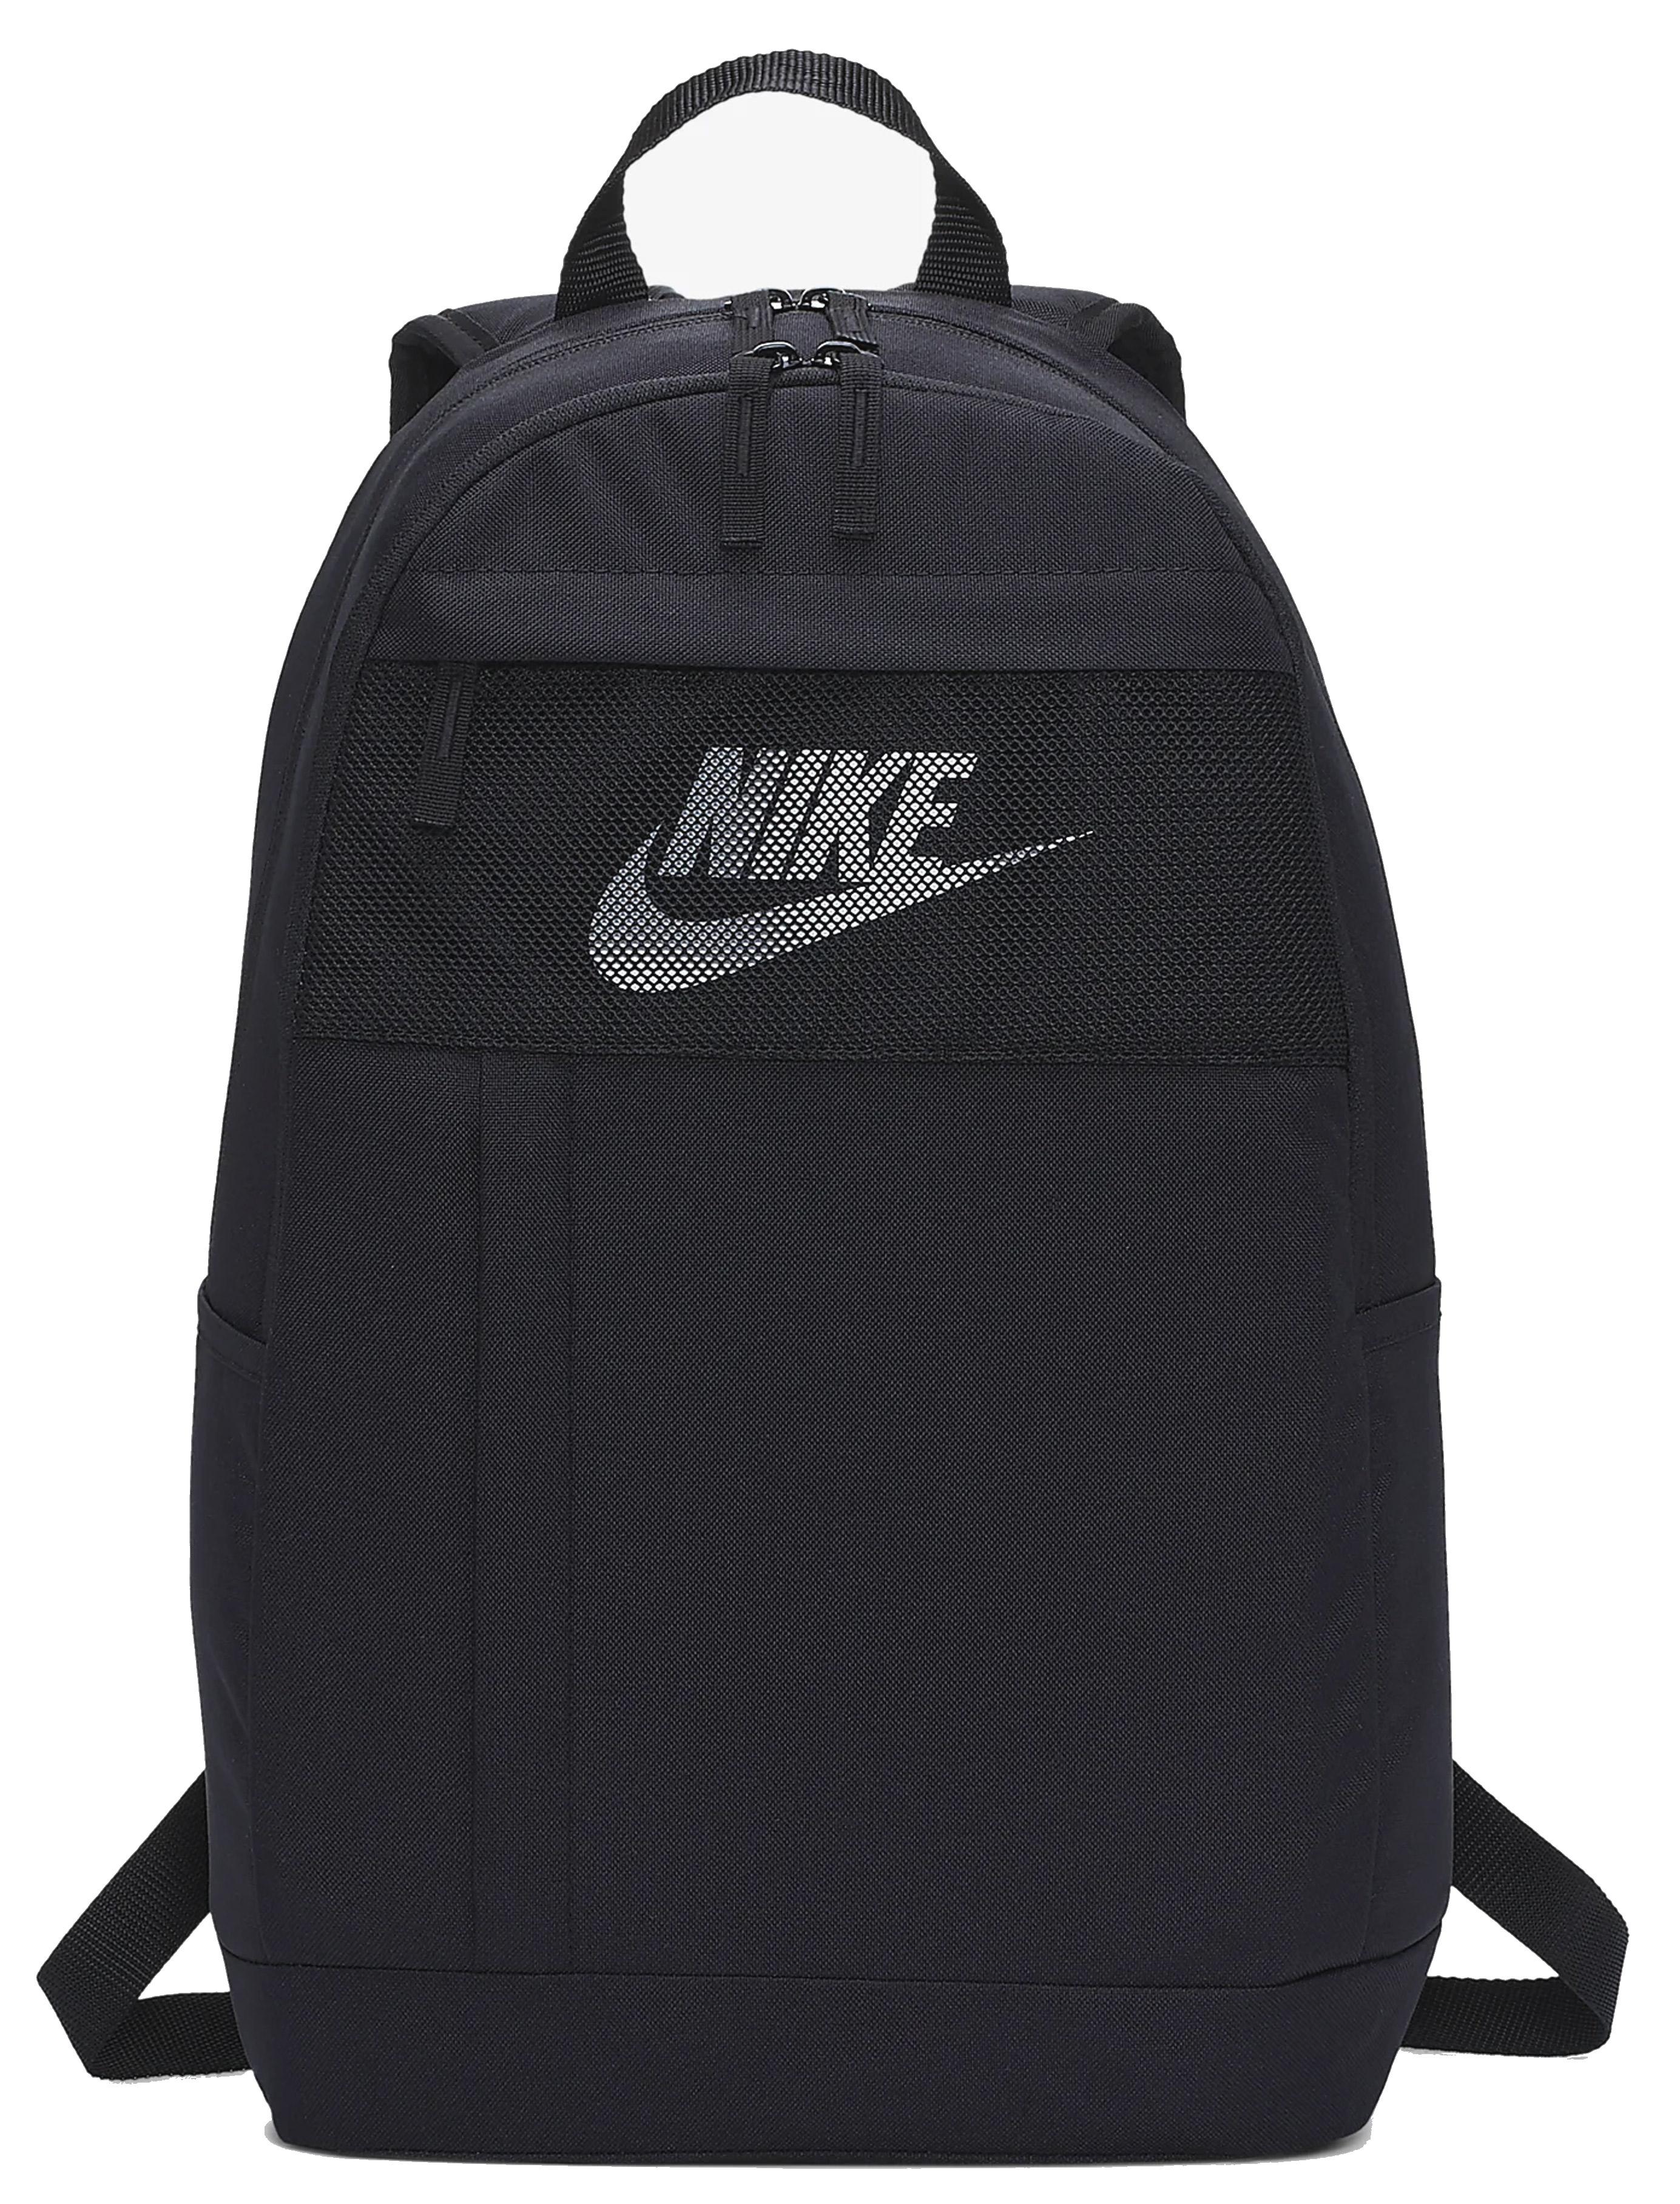 תיק נייק לגברים Nike Elemental - שחור